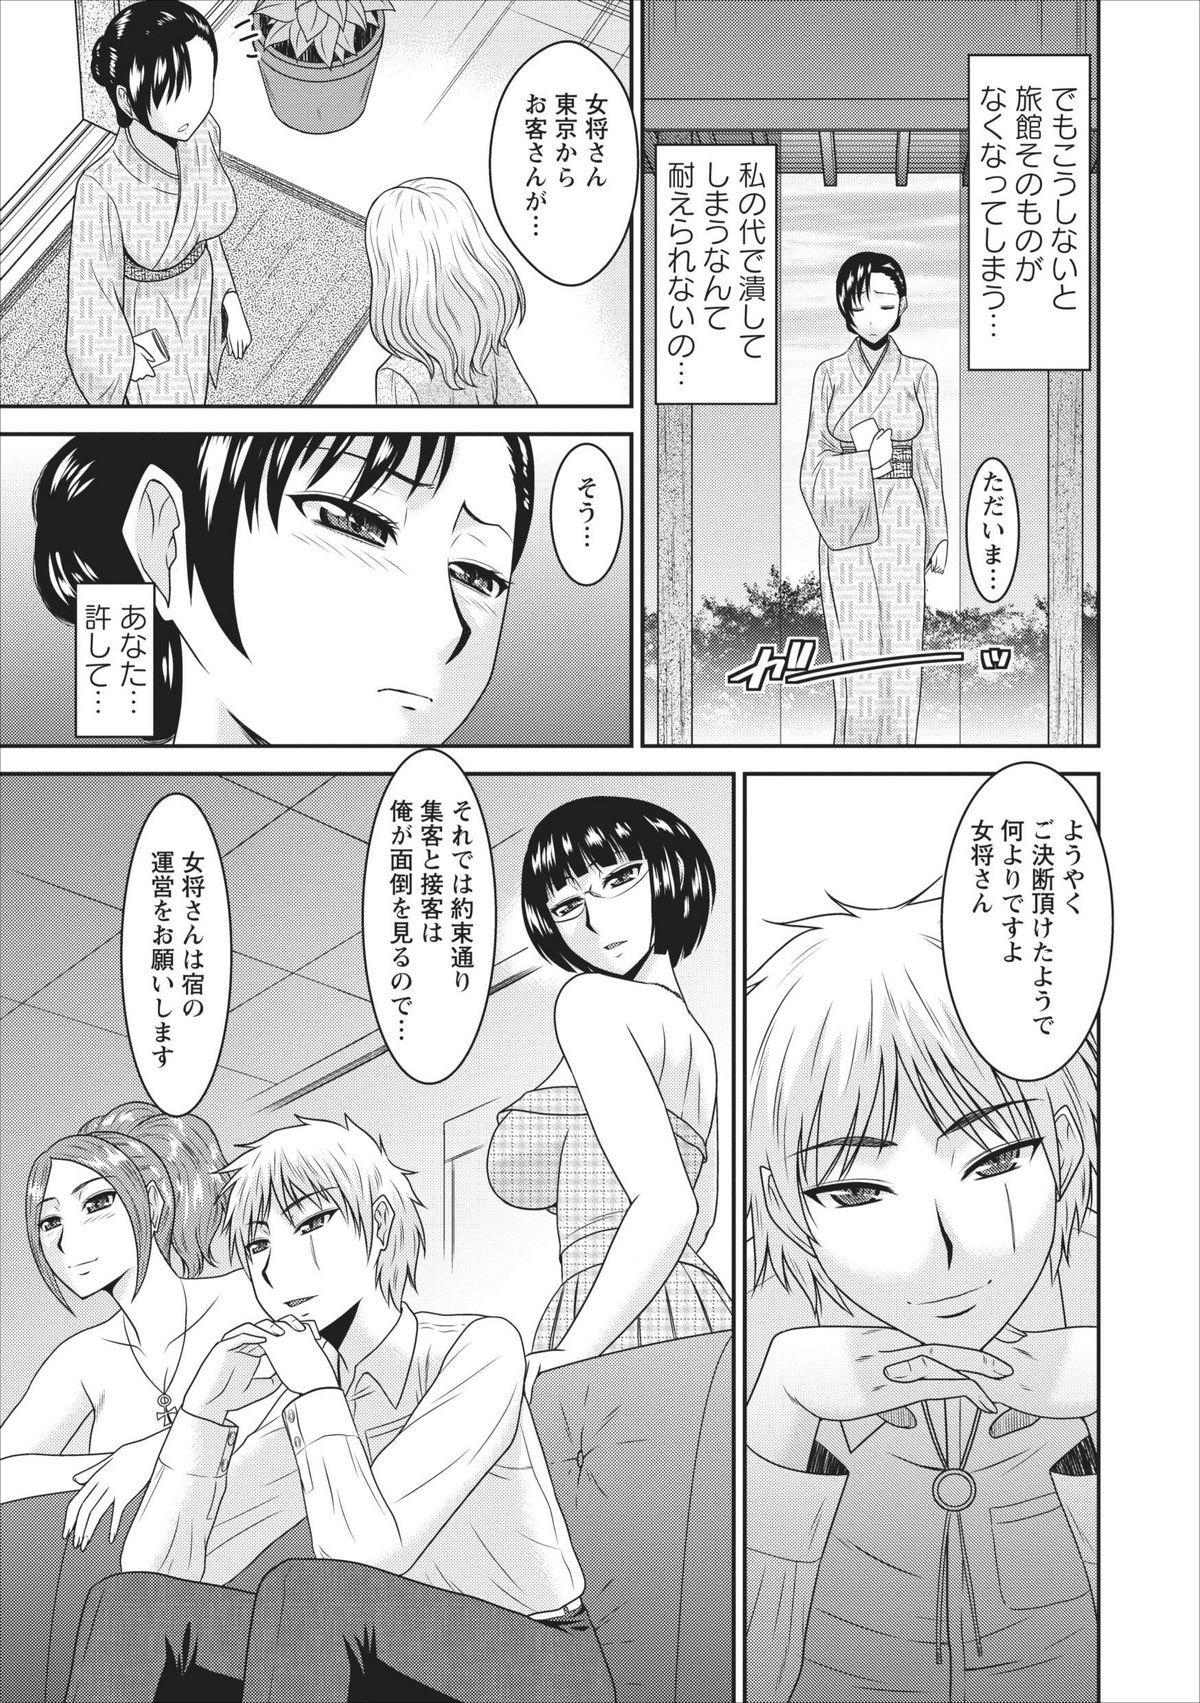 Inbi na Yukemuri - Awa no Kuni Ryokan ch.1 8